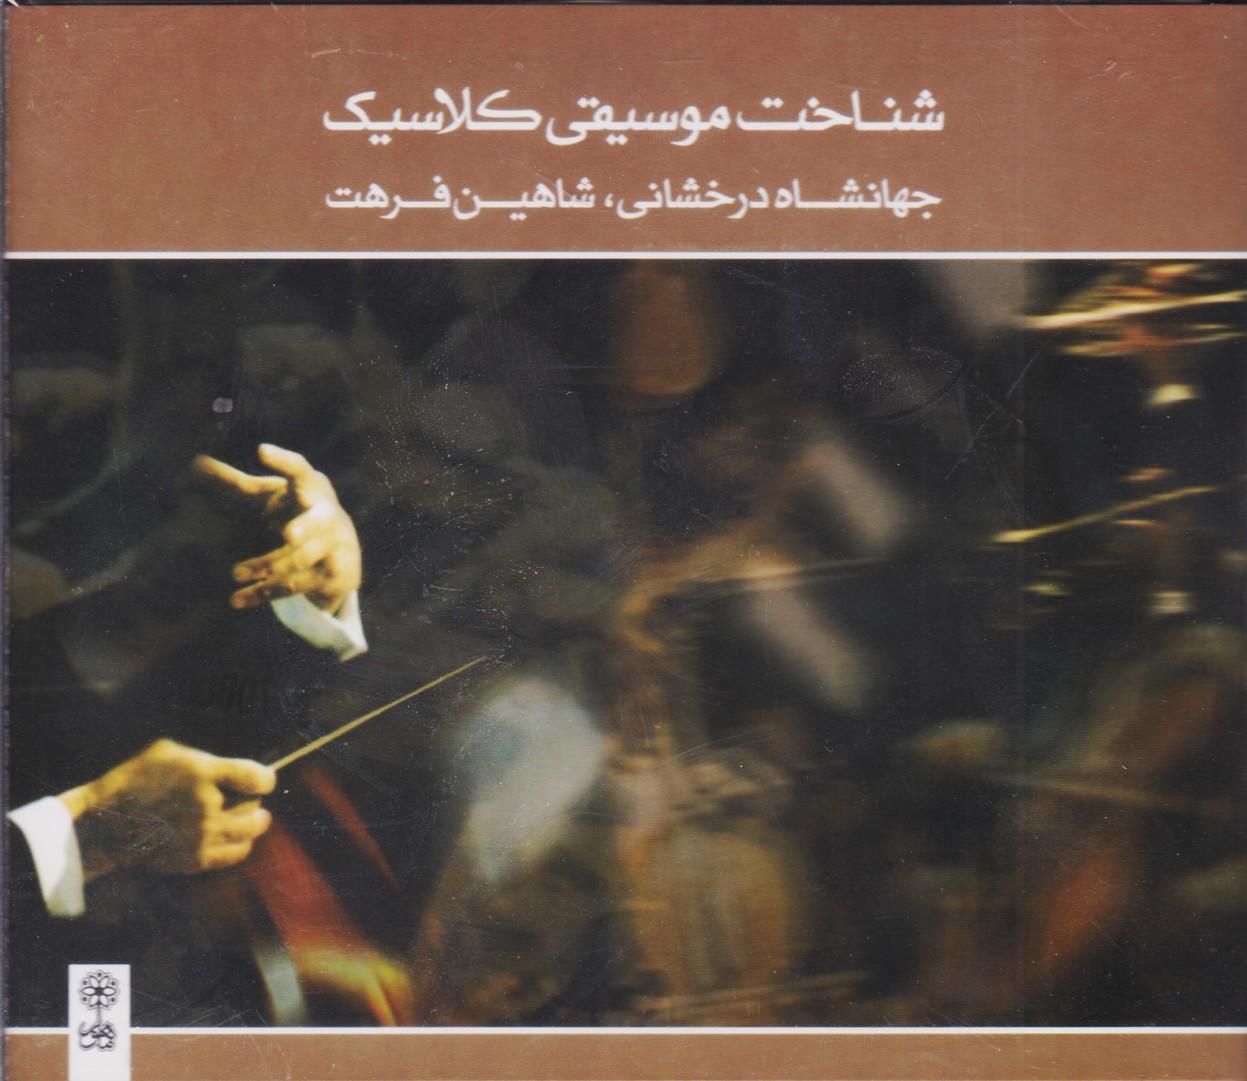 شناخت موسیقی کلاسیک